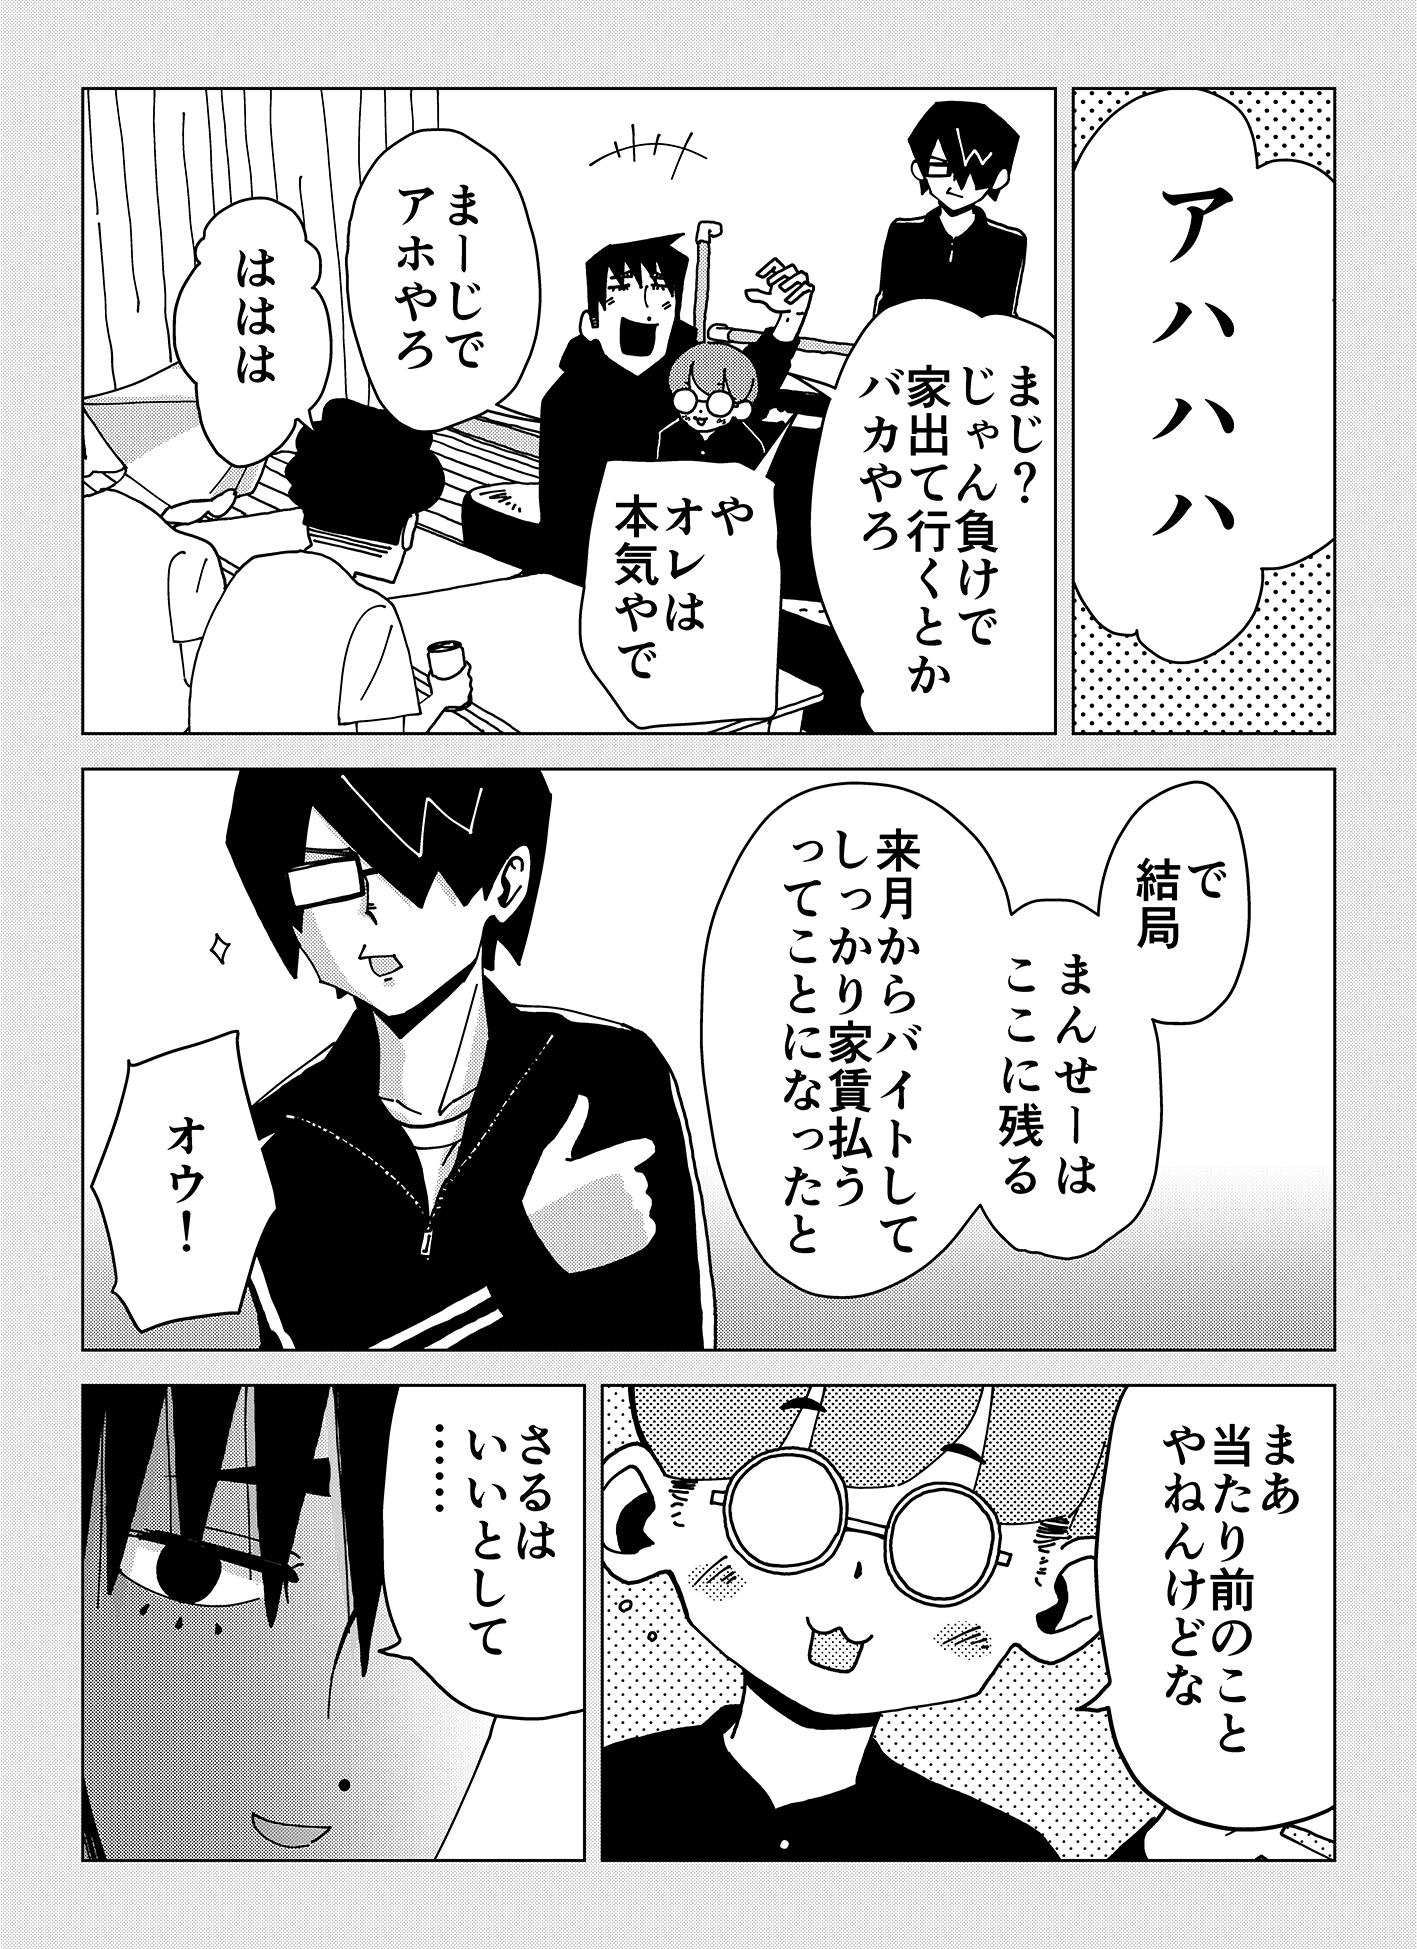 share10_011